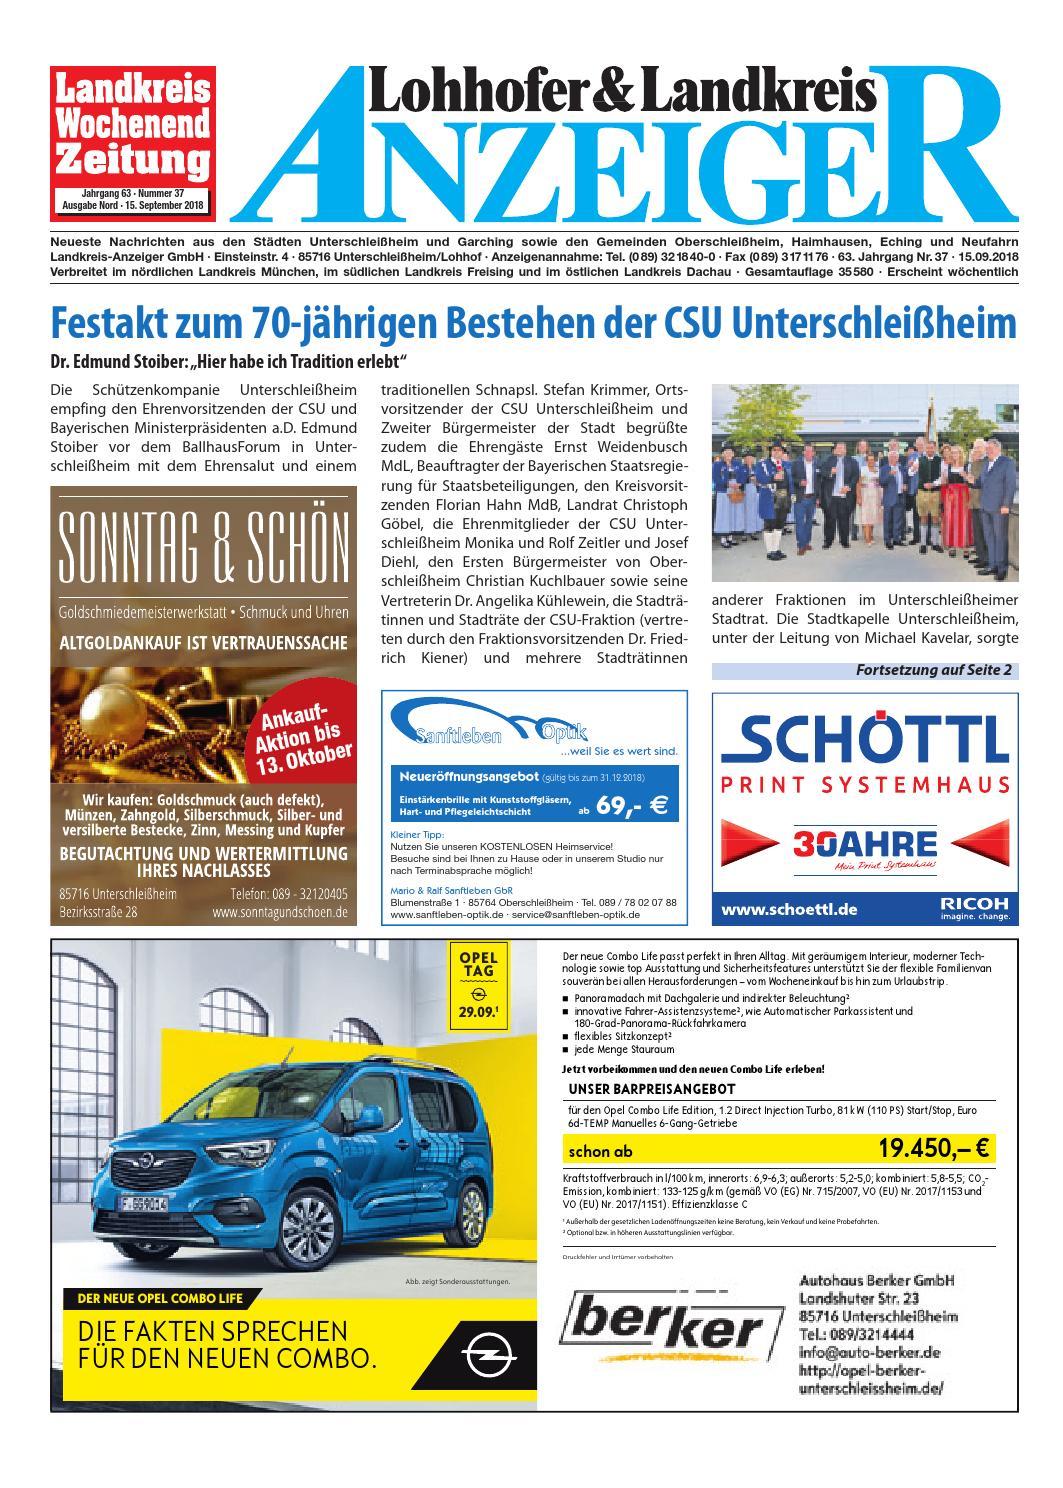 Lohhofer & Landkreis Anzeiger 3718 by Zimmermann GmbH Druck & Verlag ...